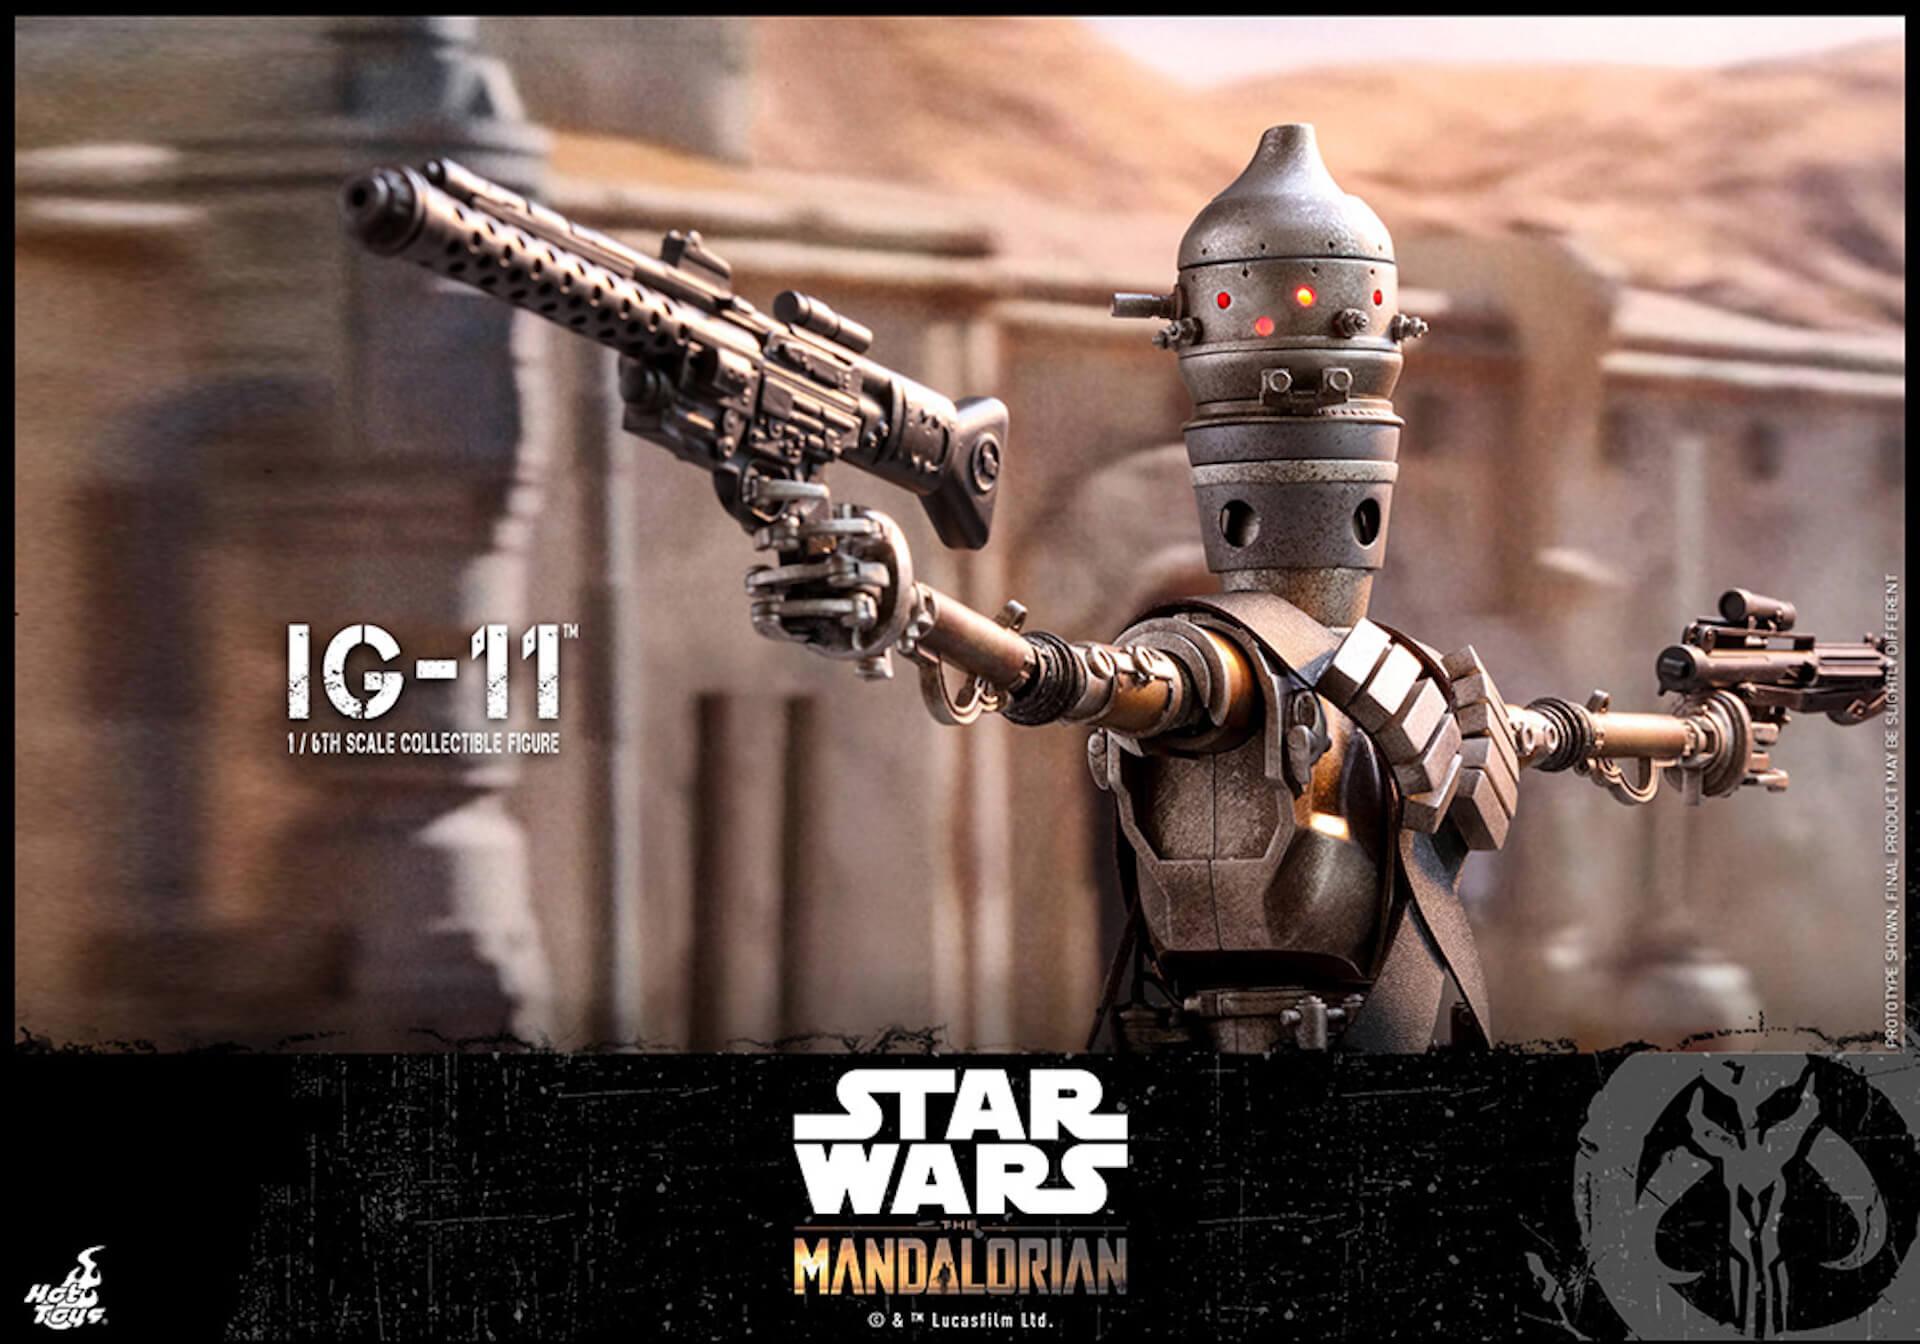 「スター・ウォーズ」テレビシリーズ『ザ・マンダロリアン』からマンダロリアン&IG-11のフィギュアがホットトイズに登場! art191010_starwars_toys_6